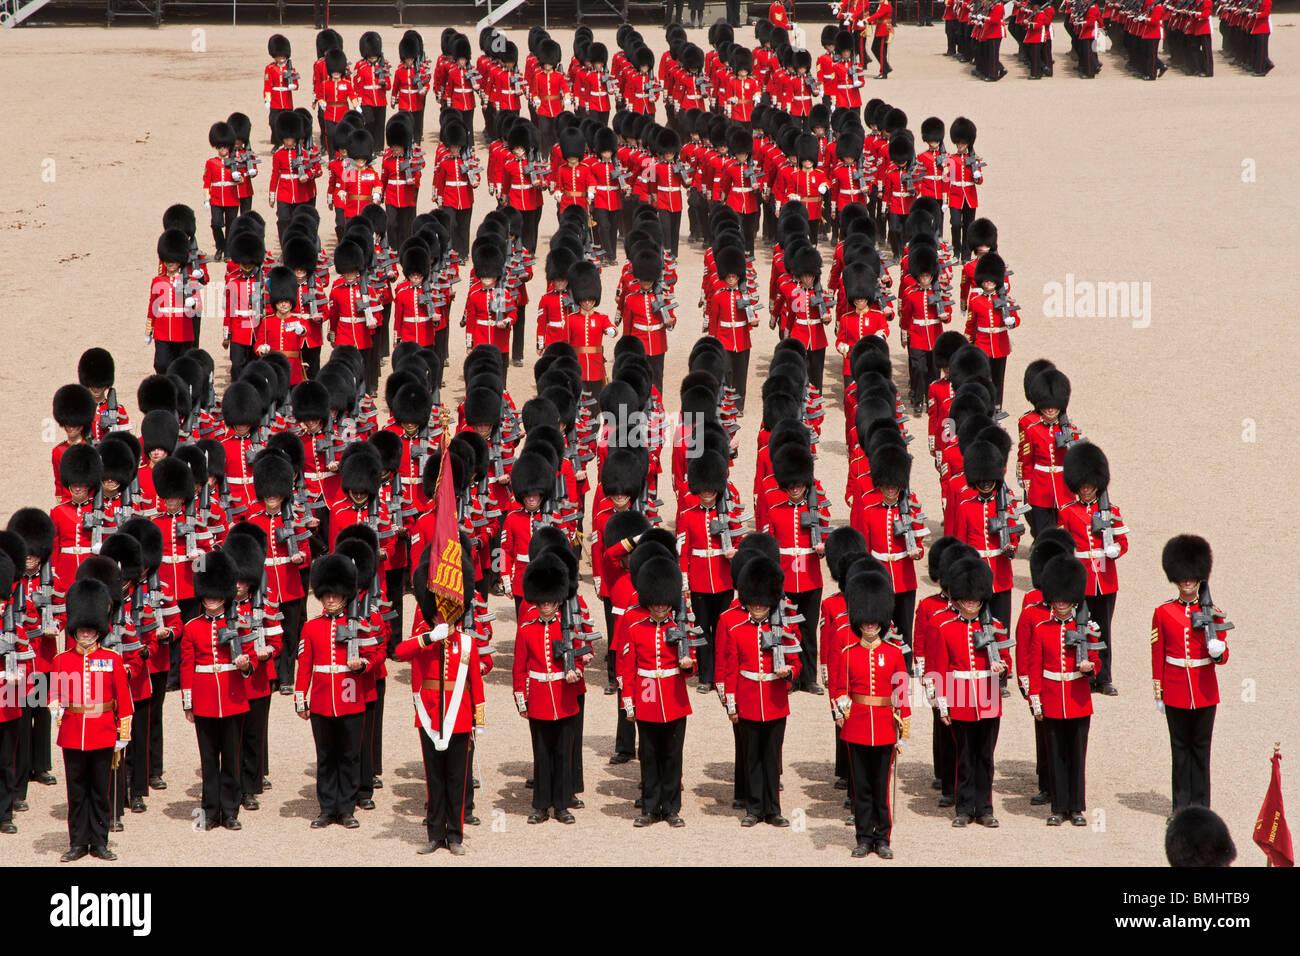 Die Queen Geburtstag Parade, auch bekannt als die Trooping the Colour, alljährlich am Horse Guards Whitehall, Stockbild